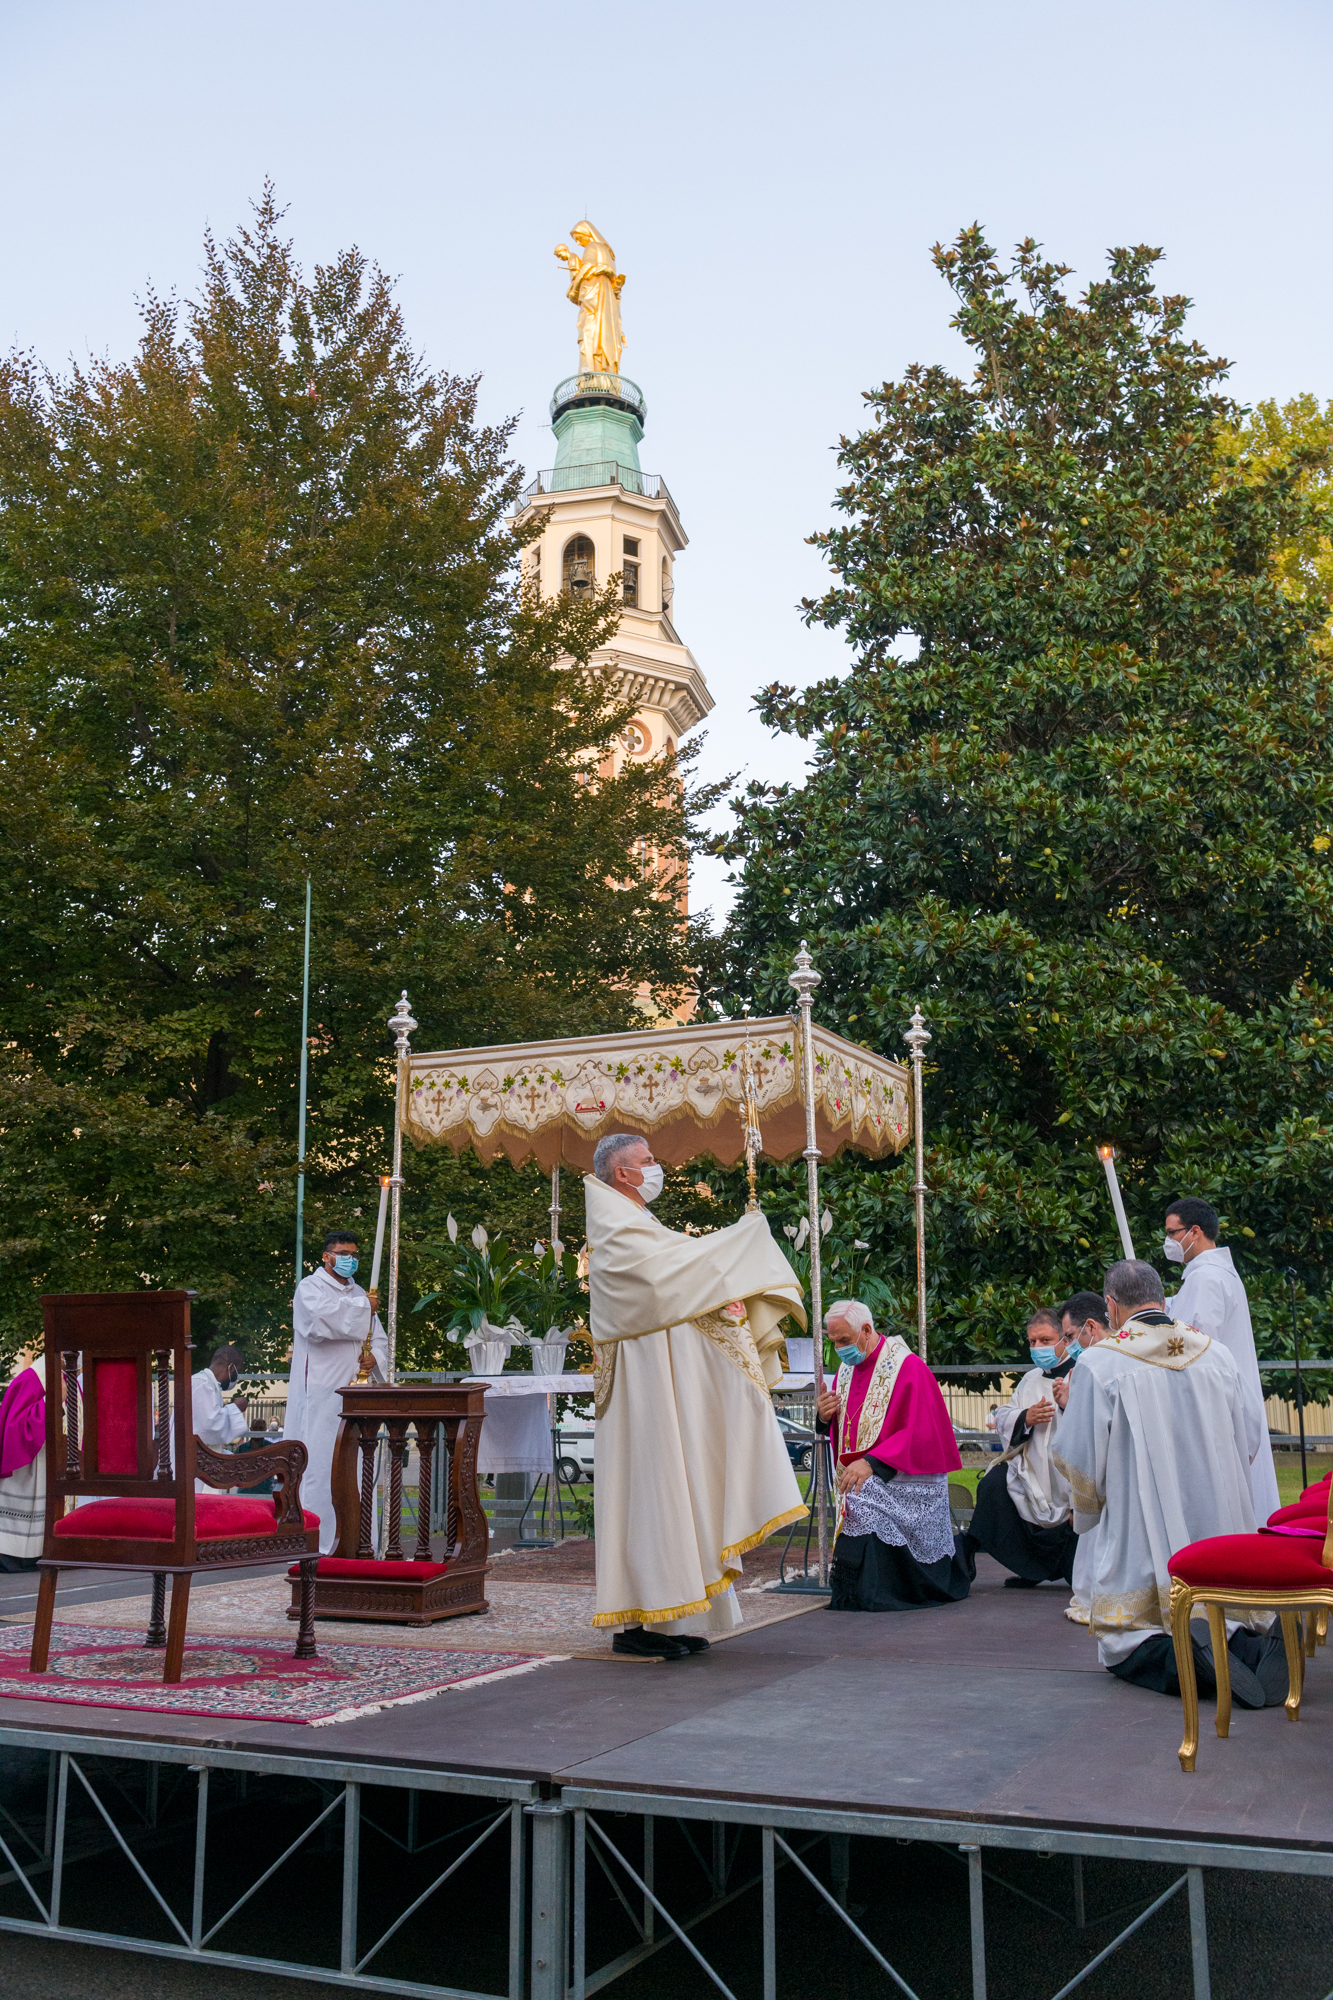 29-agosto-2021-Viola-17-e-processione-MdG-–-FOTO_mdg_-91